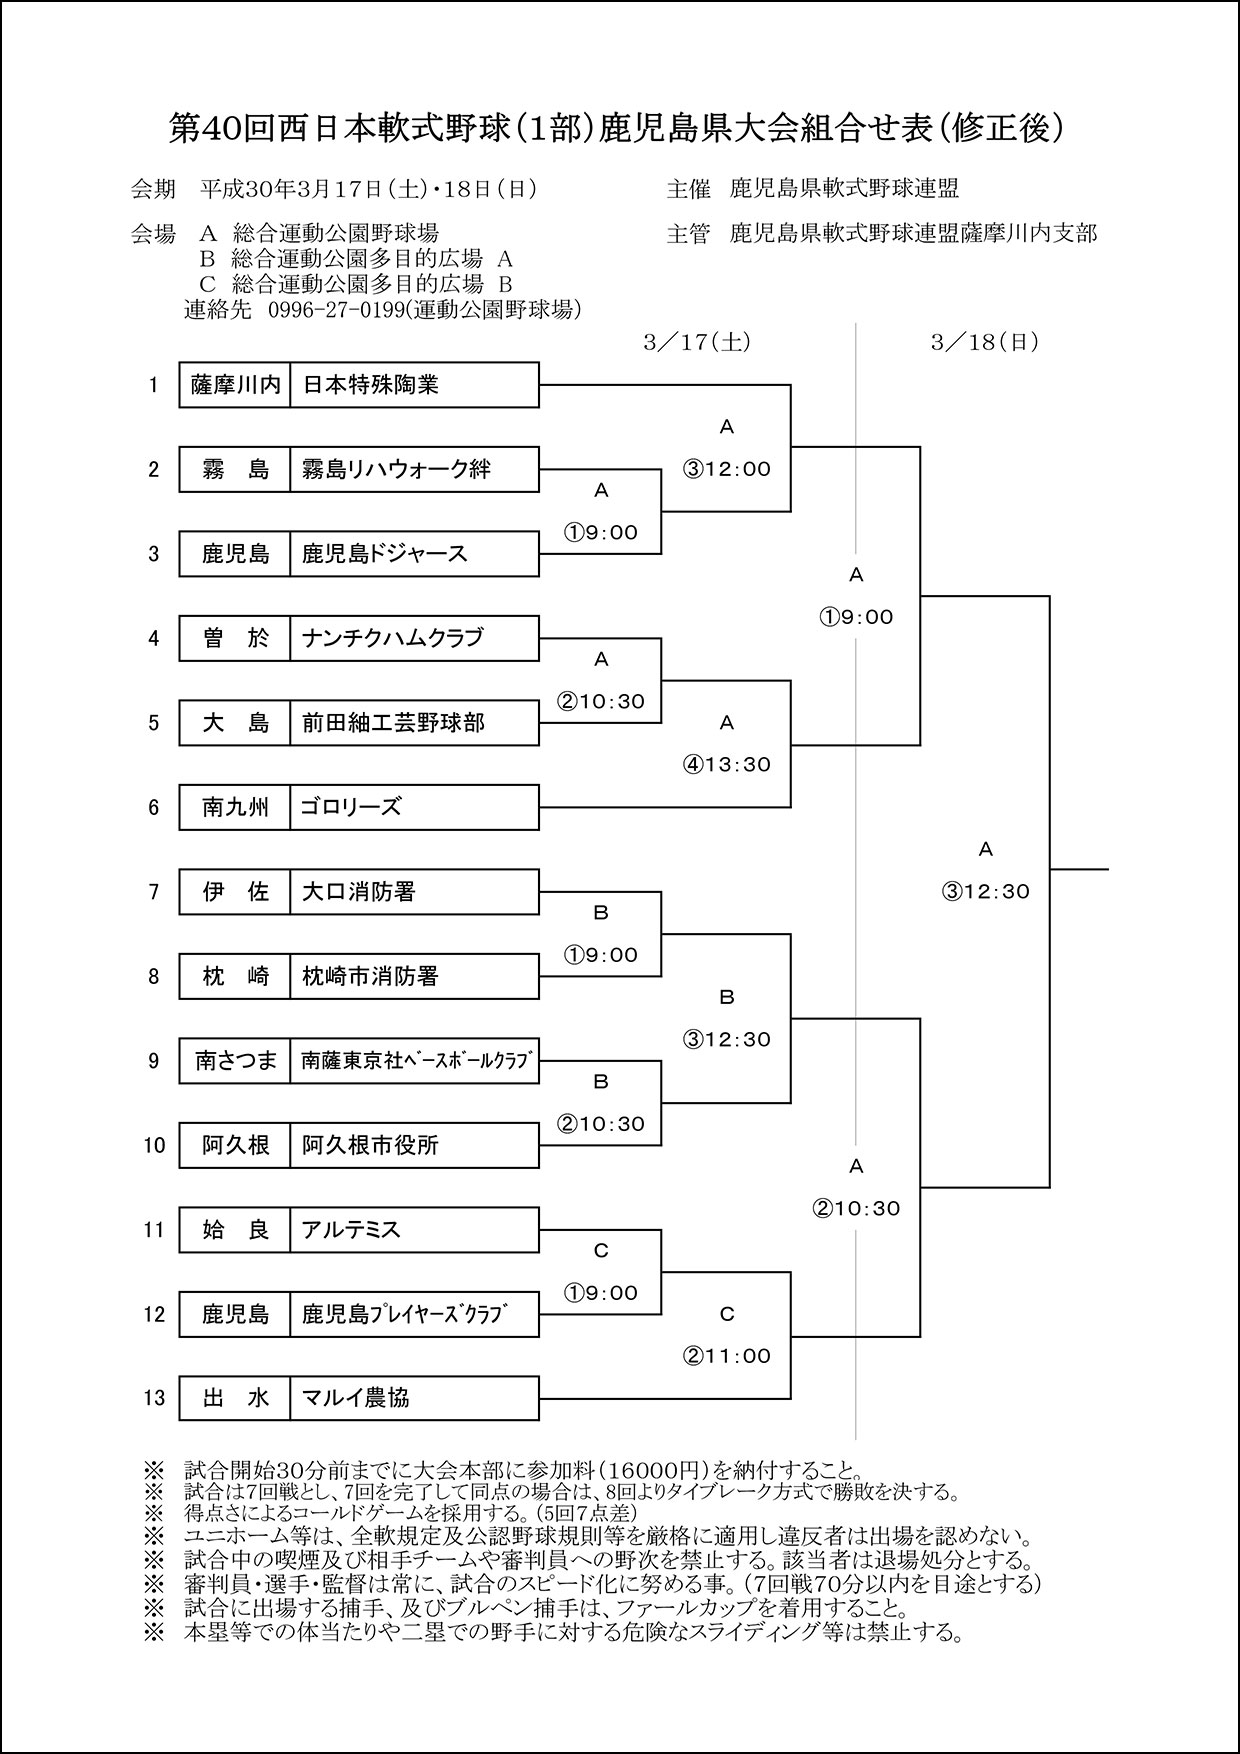 【組合せ修正後】第40回西日本軟式野球(1部)鹿児島県大会組合せ表